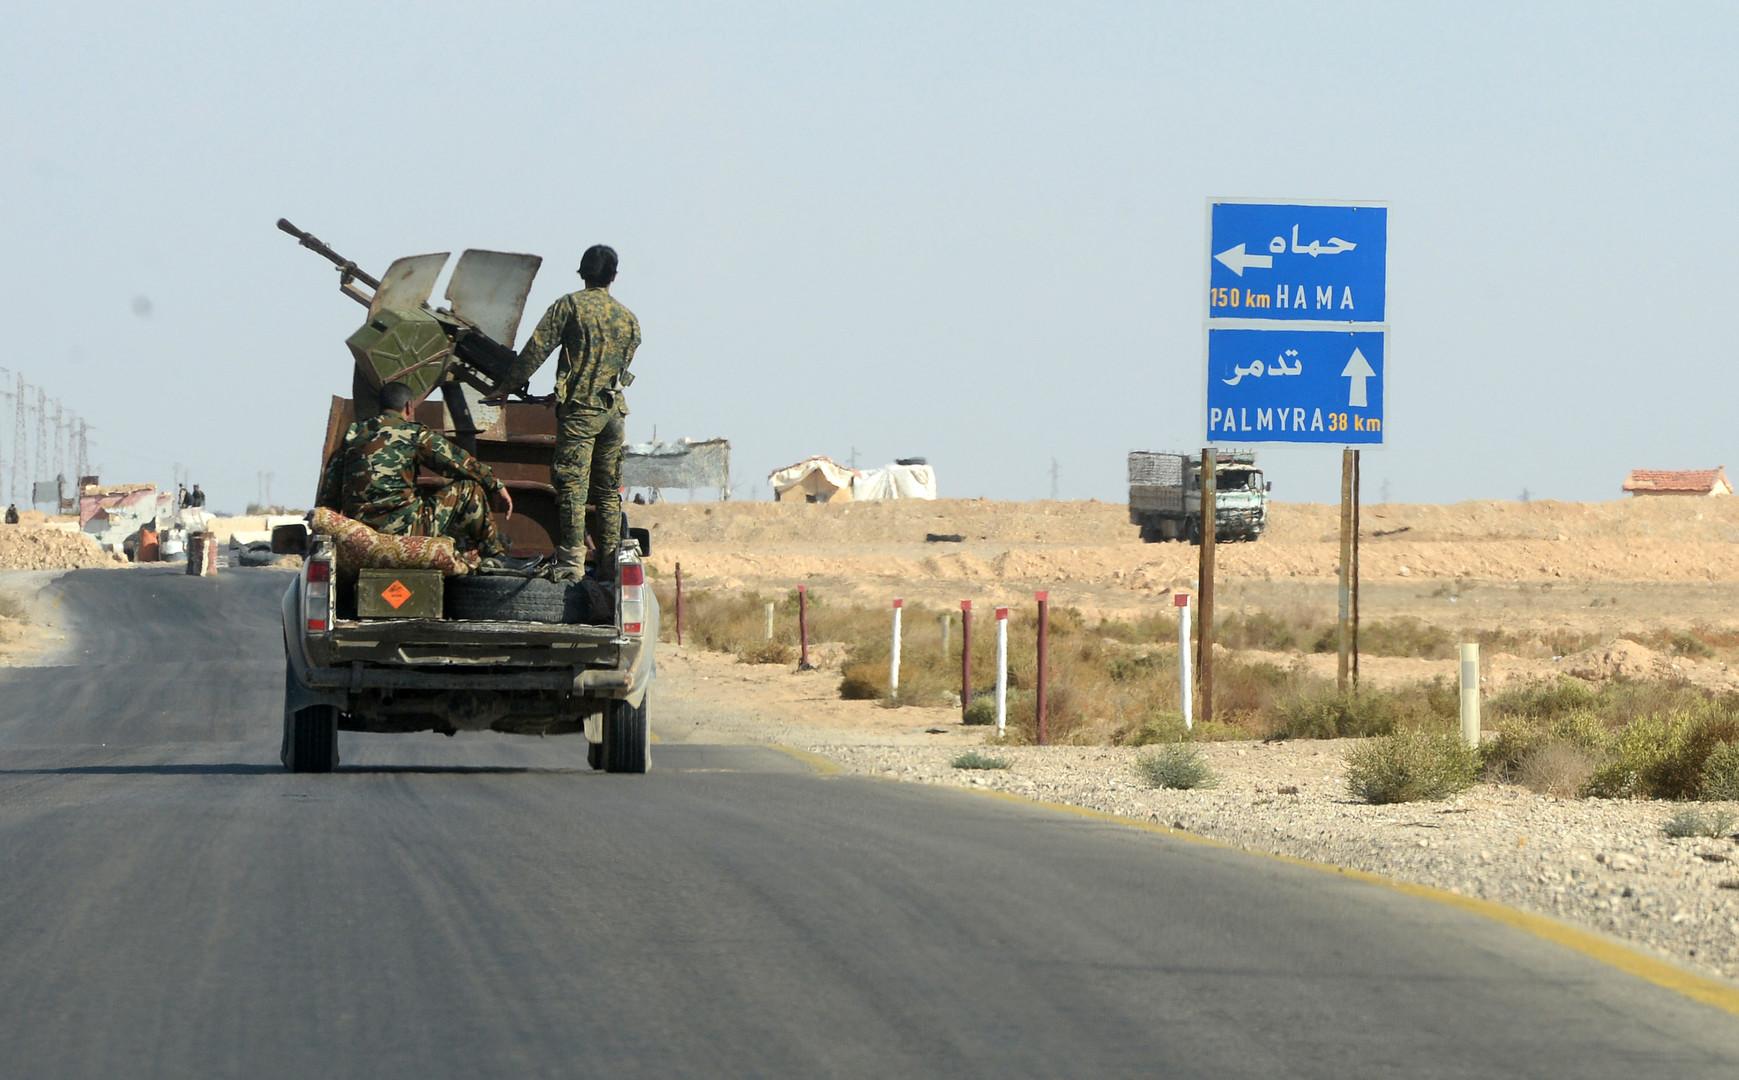 Ориентировка на местности: какие районы Сирии контролируют противоборствующие стороны